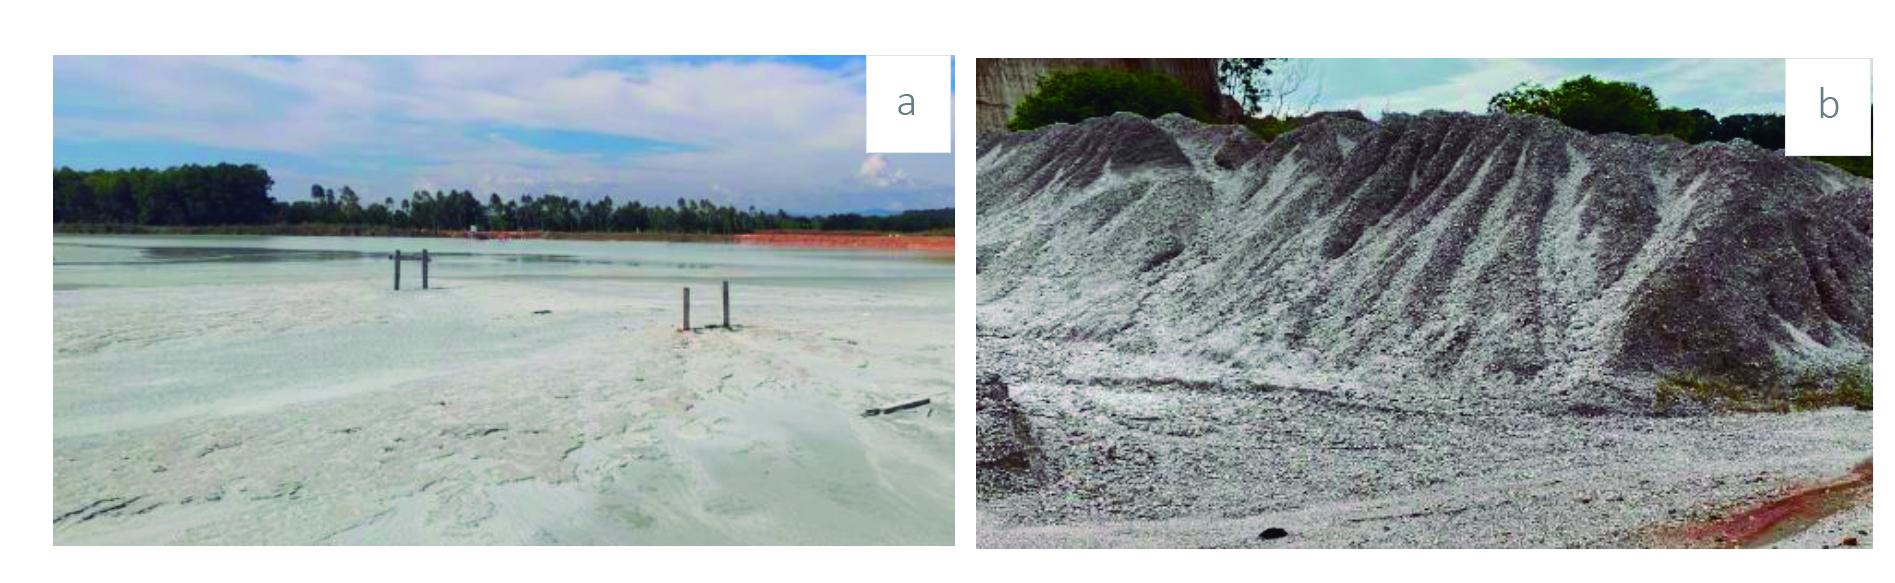 Zonas muestreadas de relaves mineros y suelos degradados. Bajo Cauca Antioqueño en el sector de la construcción.